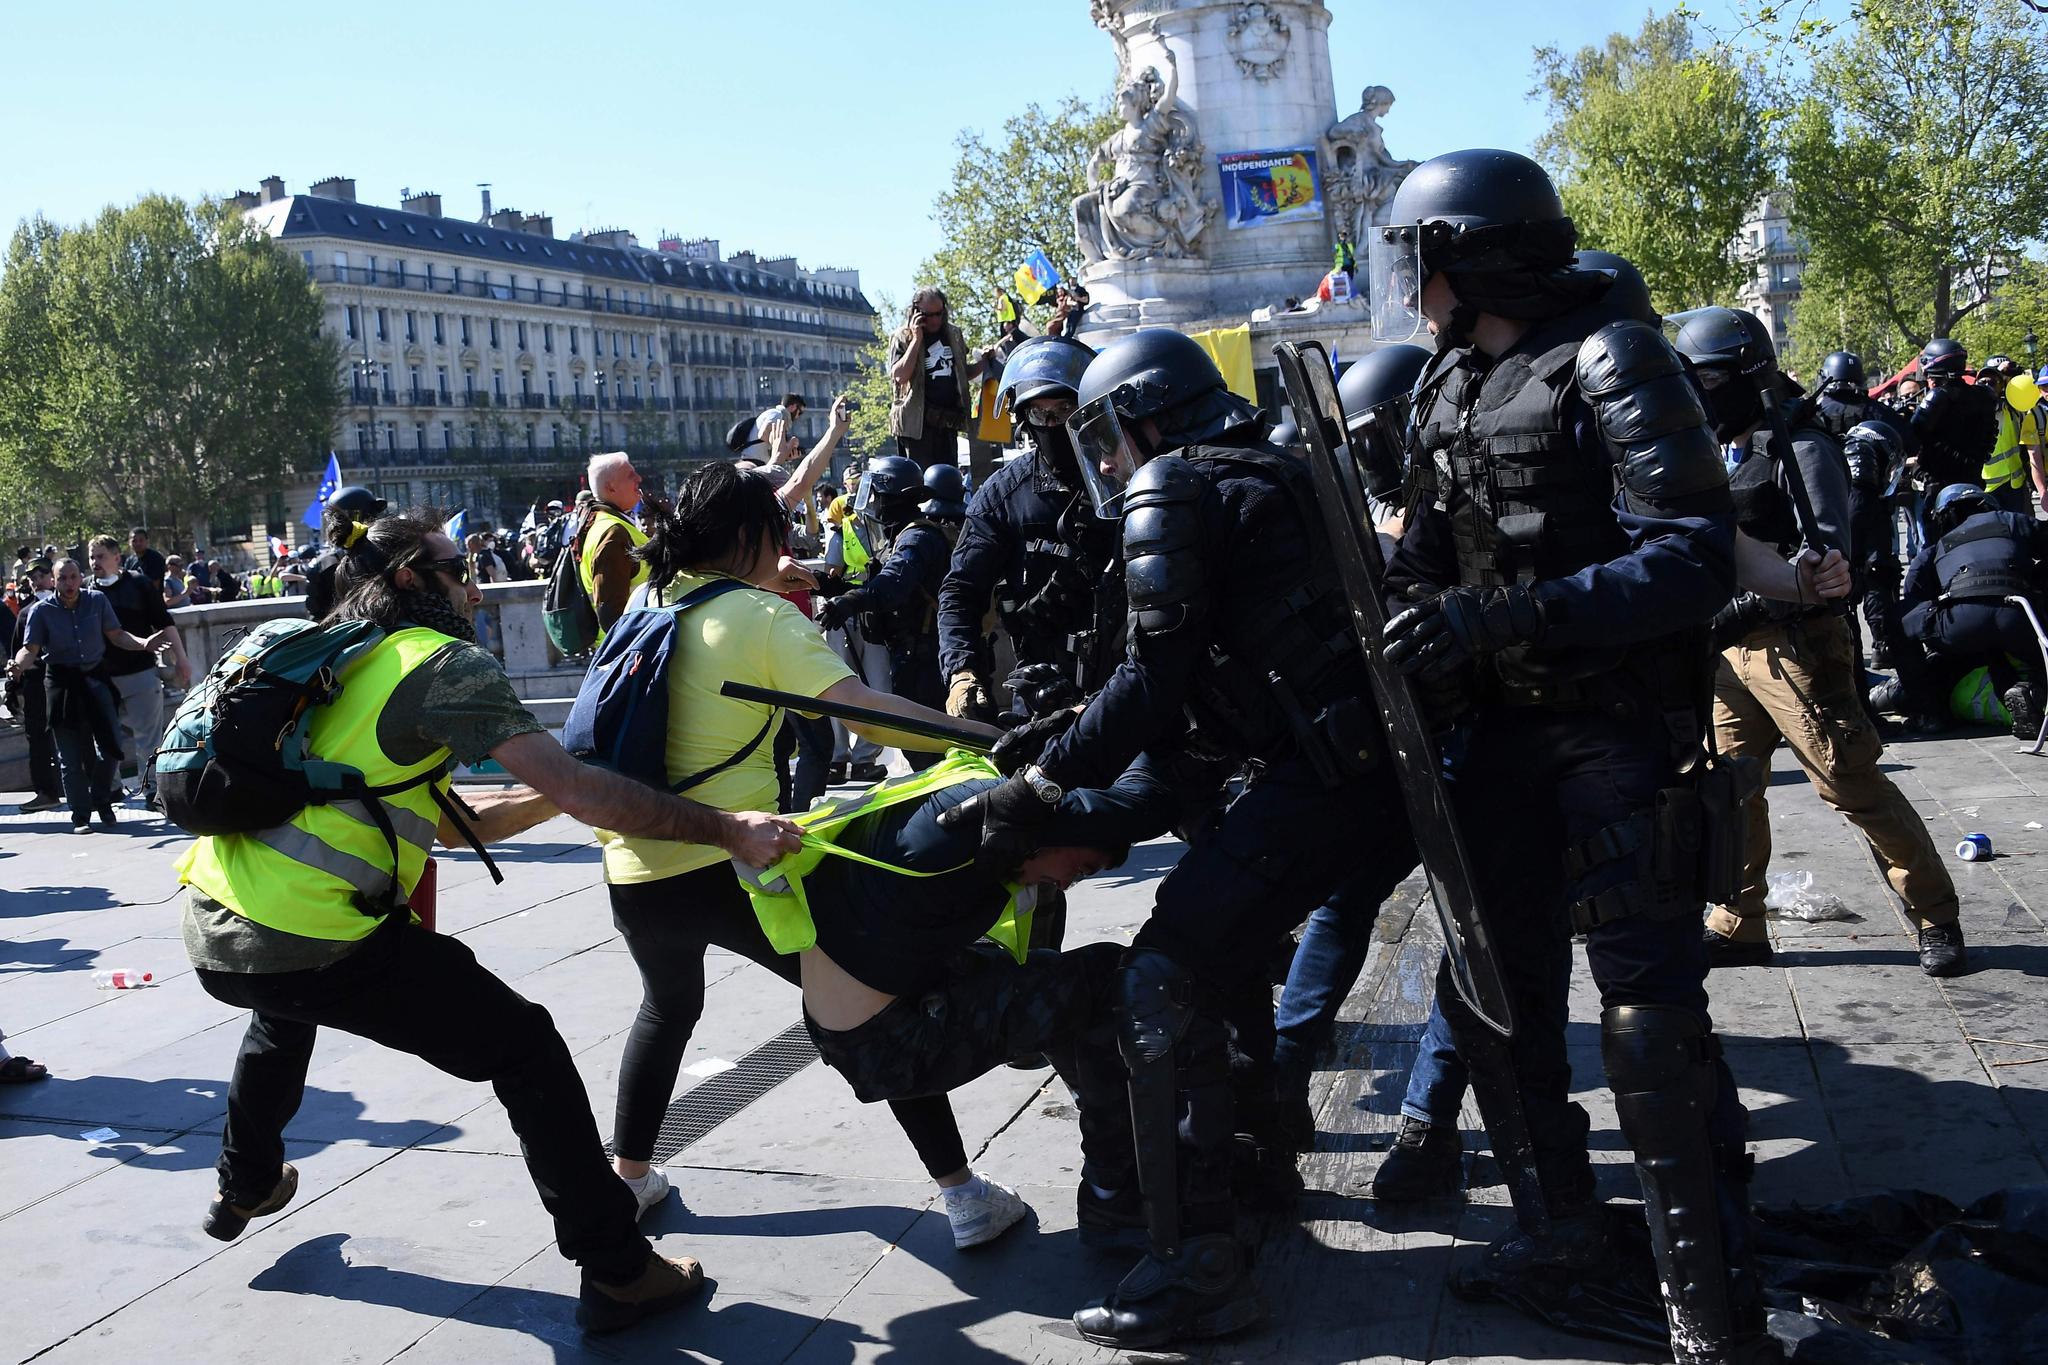 경찰과 시위대가 몸싸움을 하고 있다.  [AFP=연합뉴스]